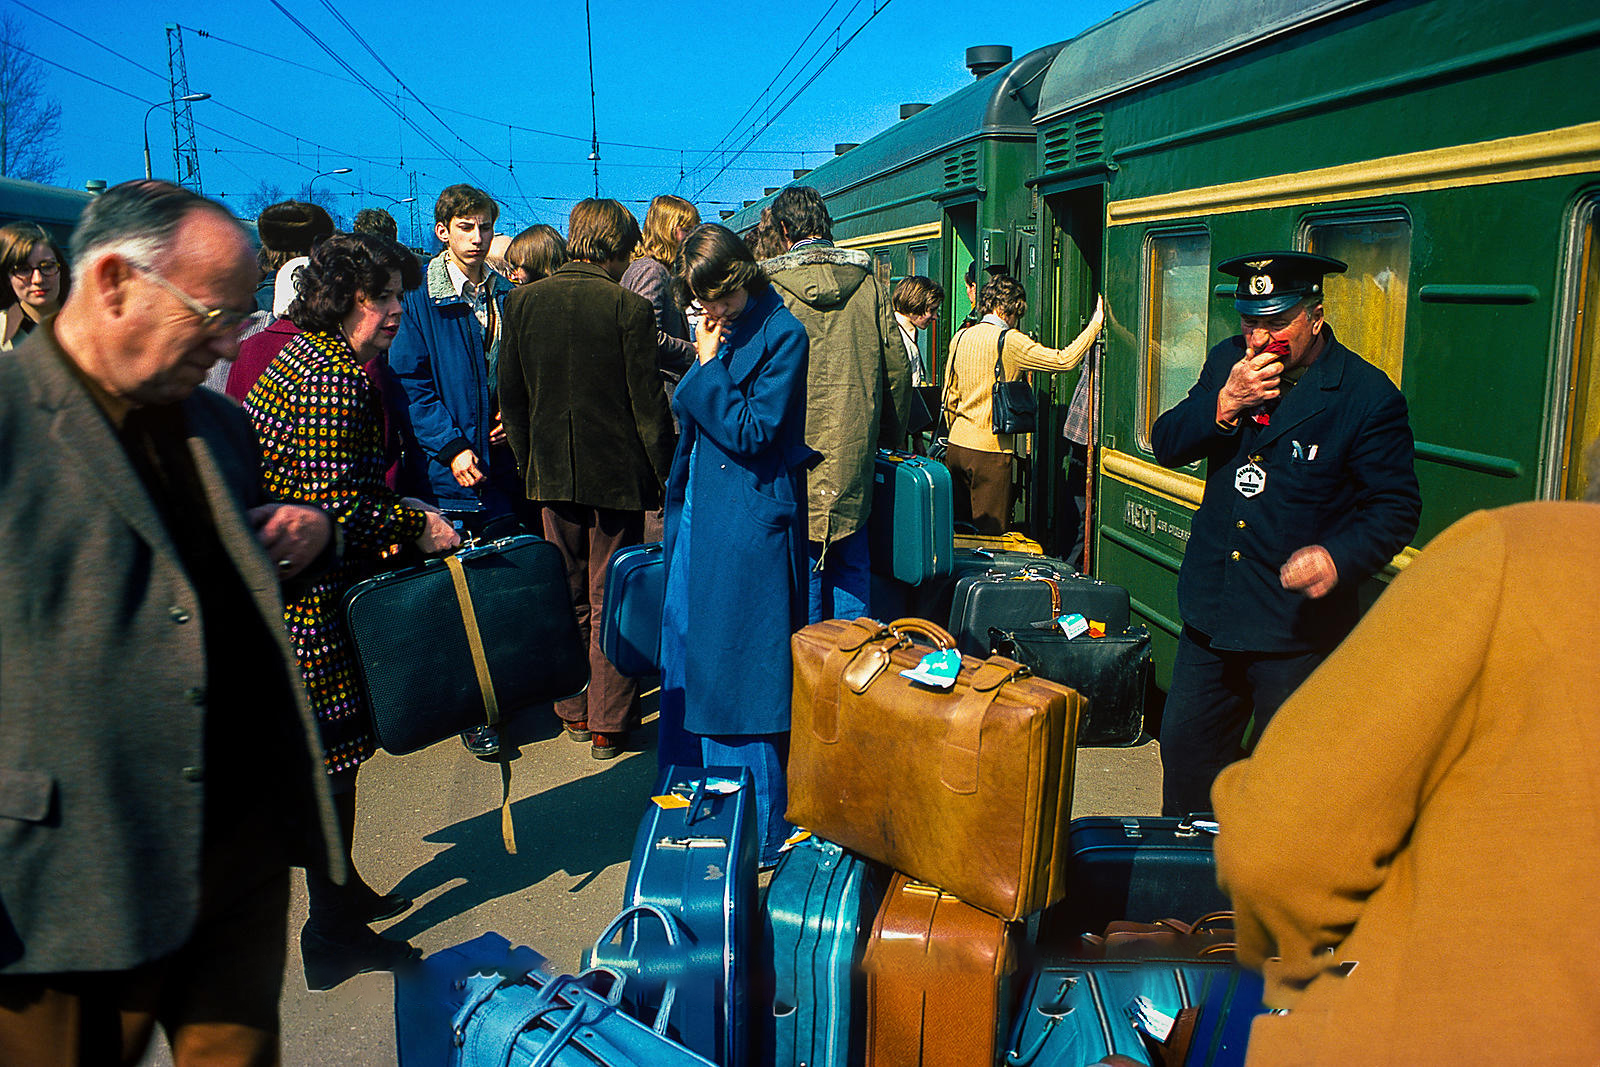 Экспресс Москва-Ленинград. Охранник наблюдает, пока турист пытается найти багаж